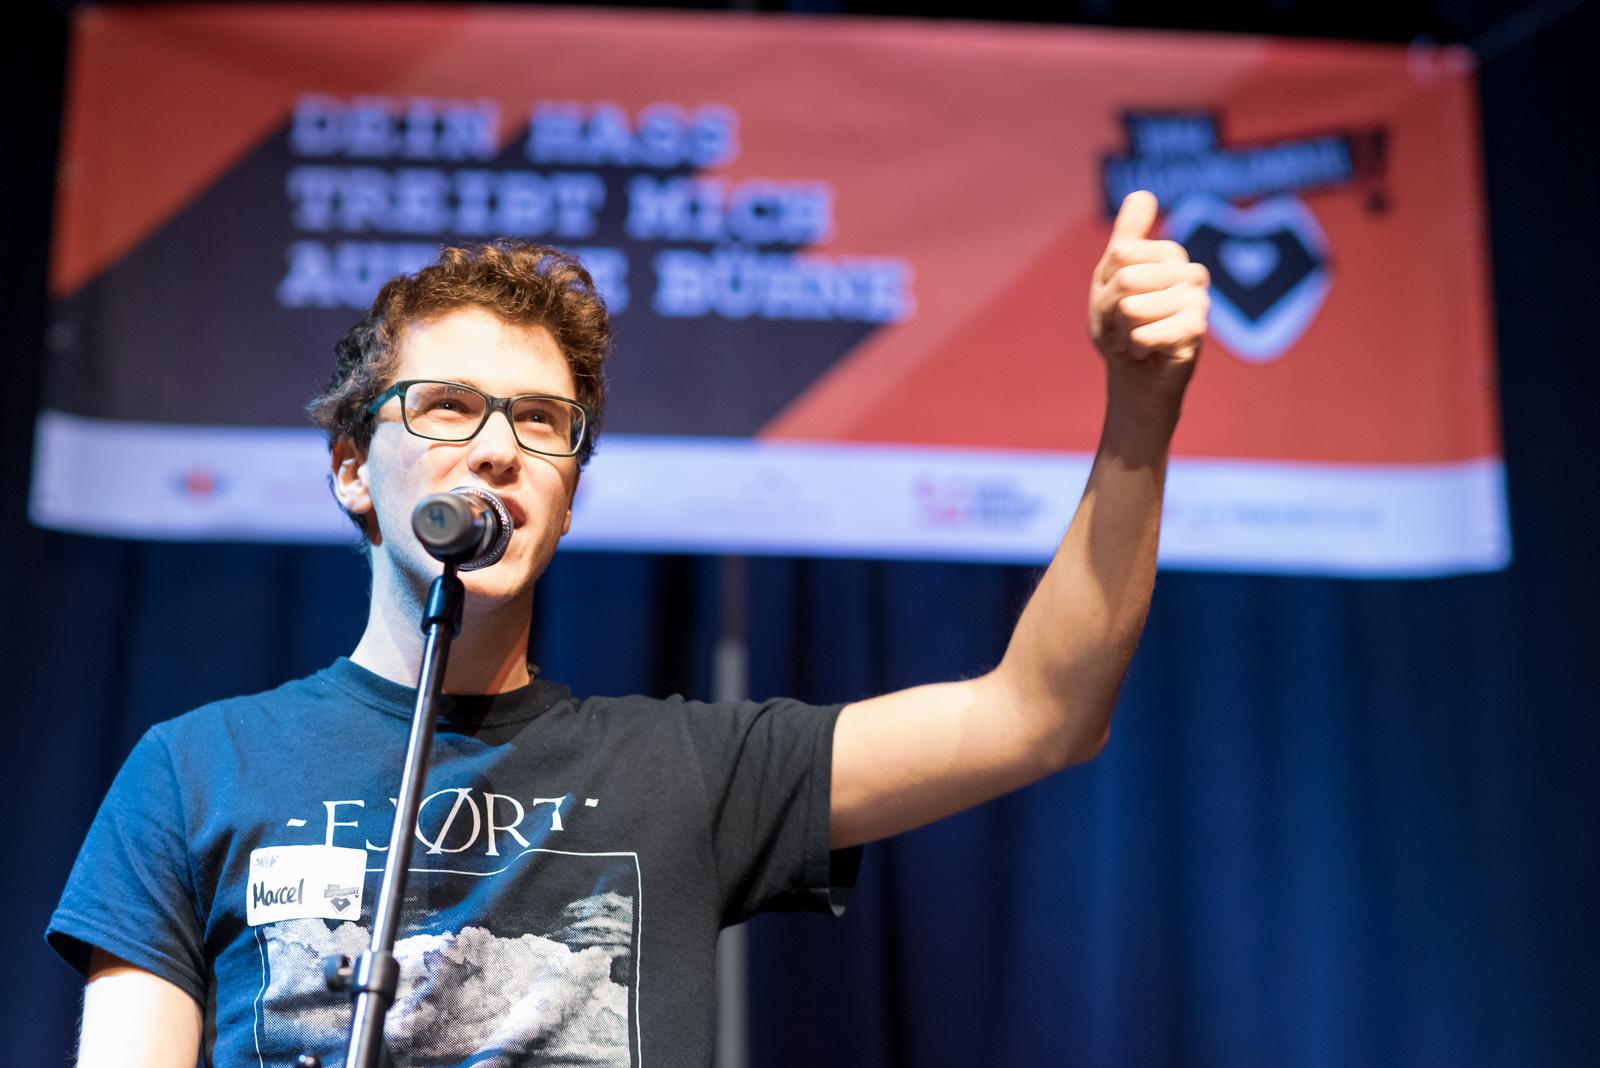 Ein junger Mann steht auf einer Bühne hinter einem Mikrophone. Er spricht in der Mikrophone und hebt einen Arm mit Daumen nach oben.